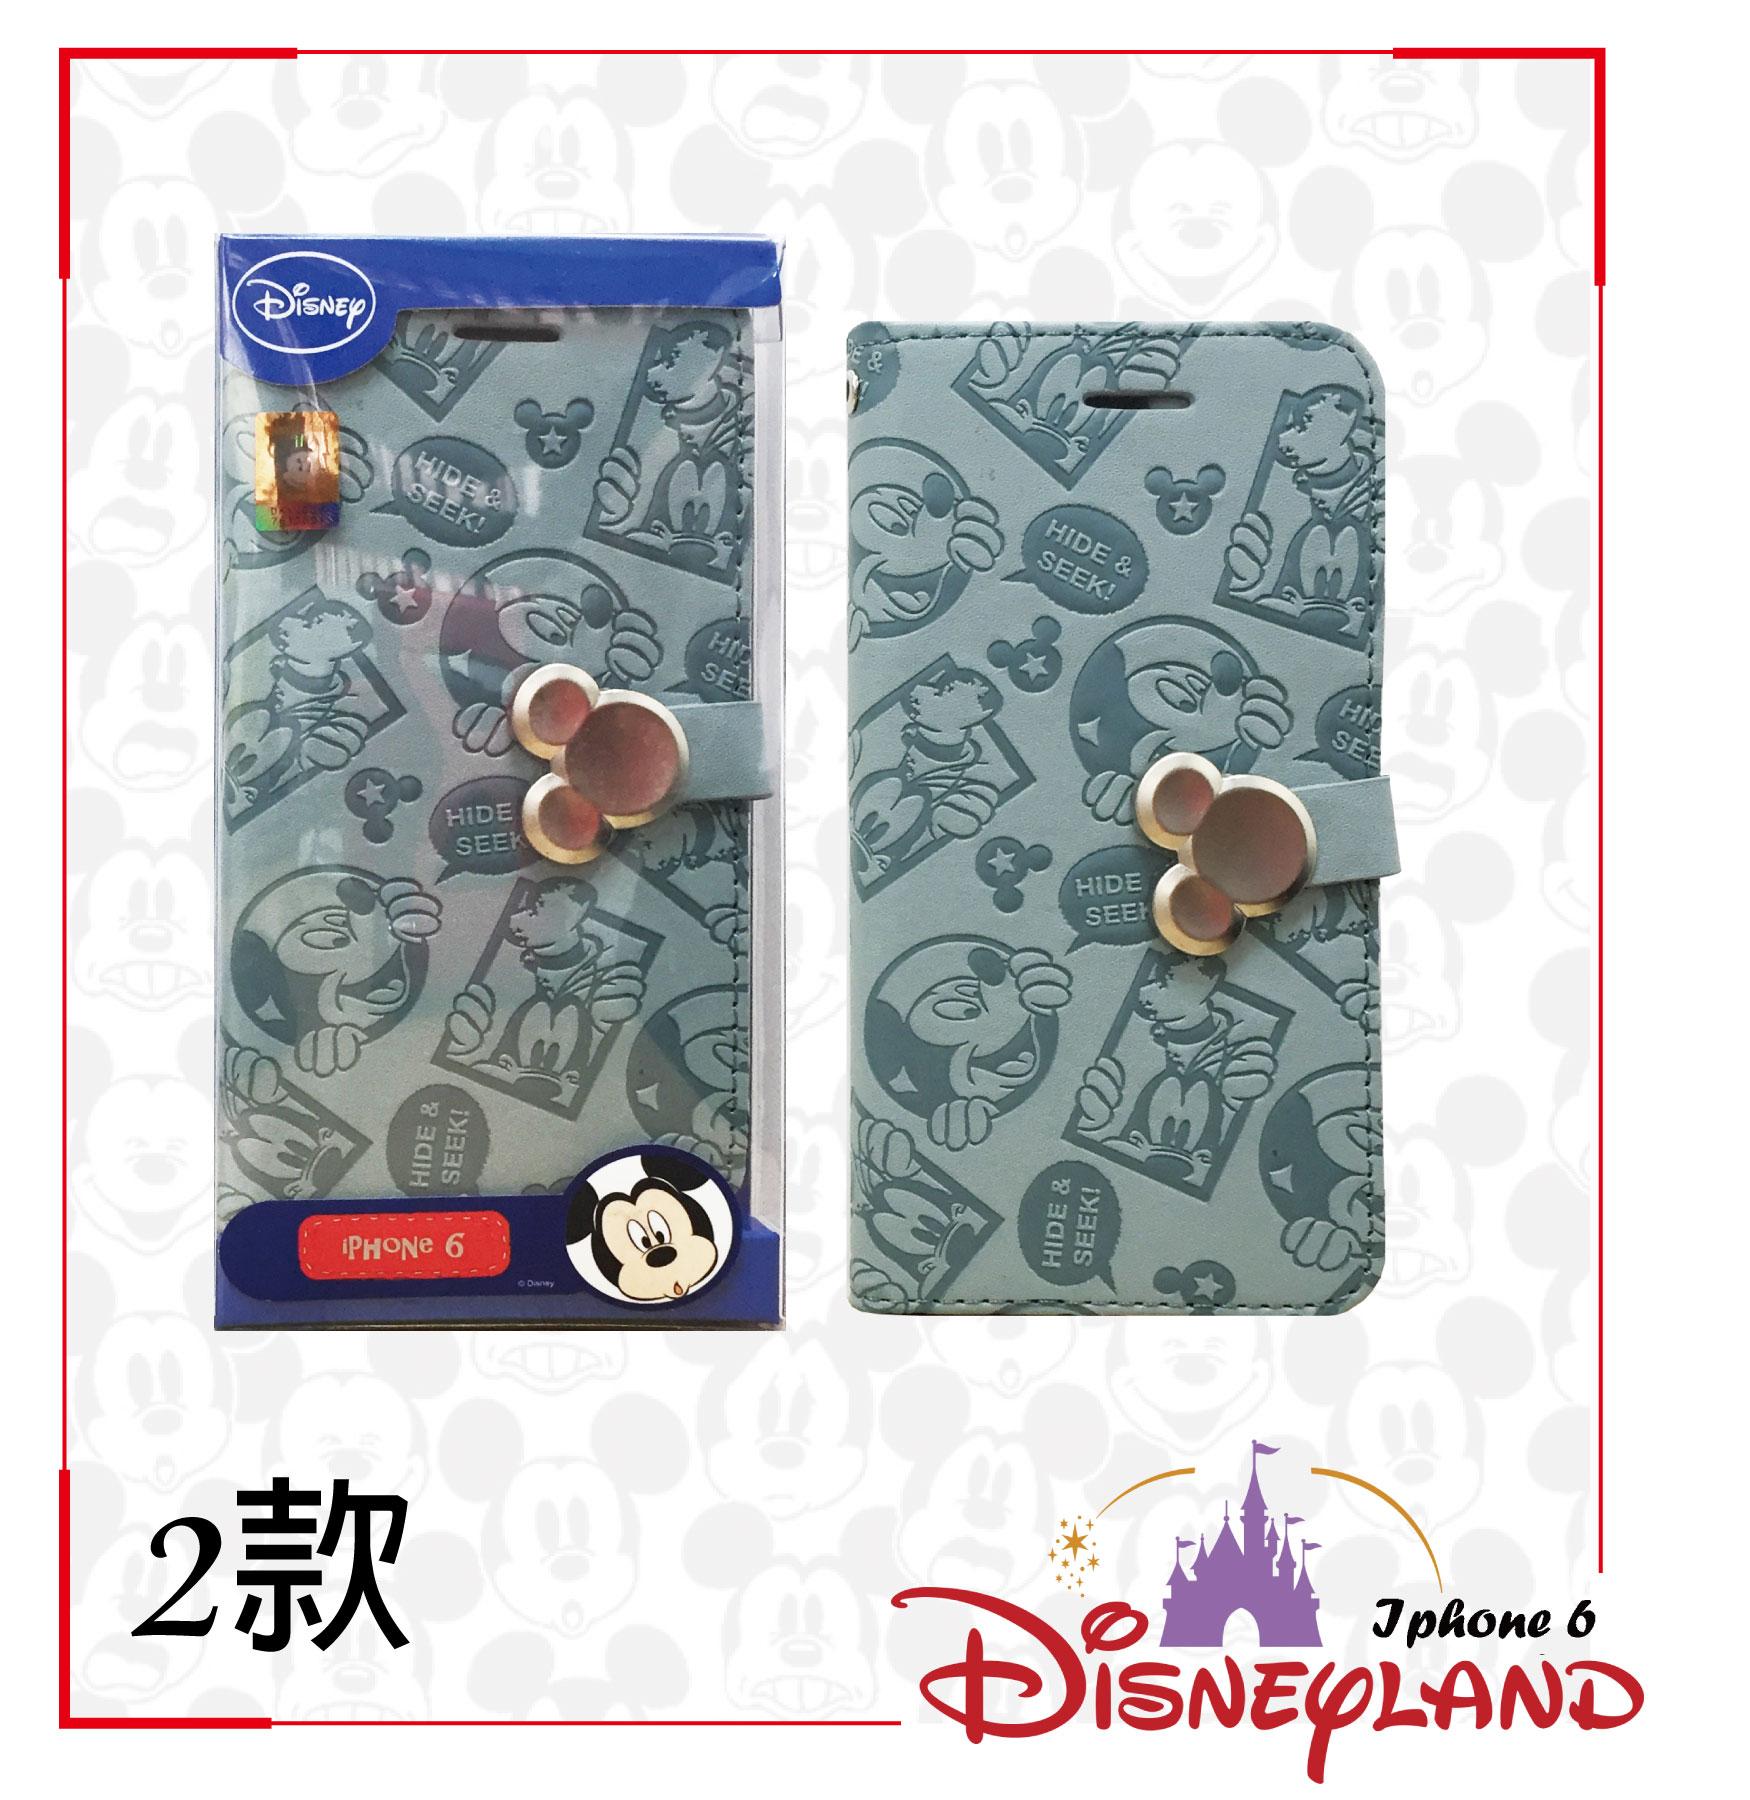 Iphone6正版迪士尼 手機皮套 保護殼